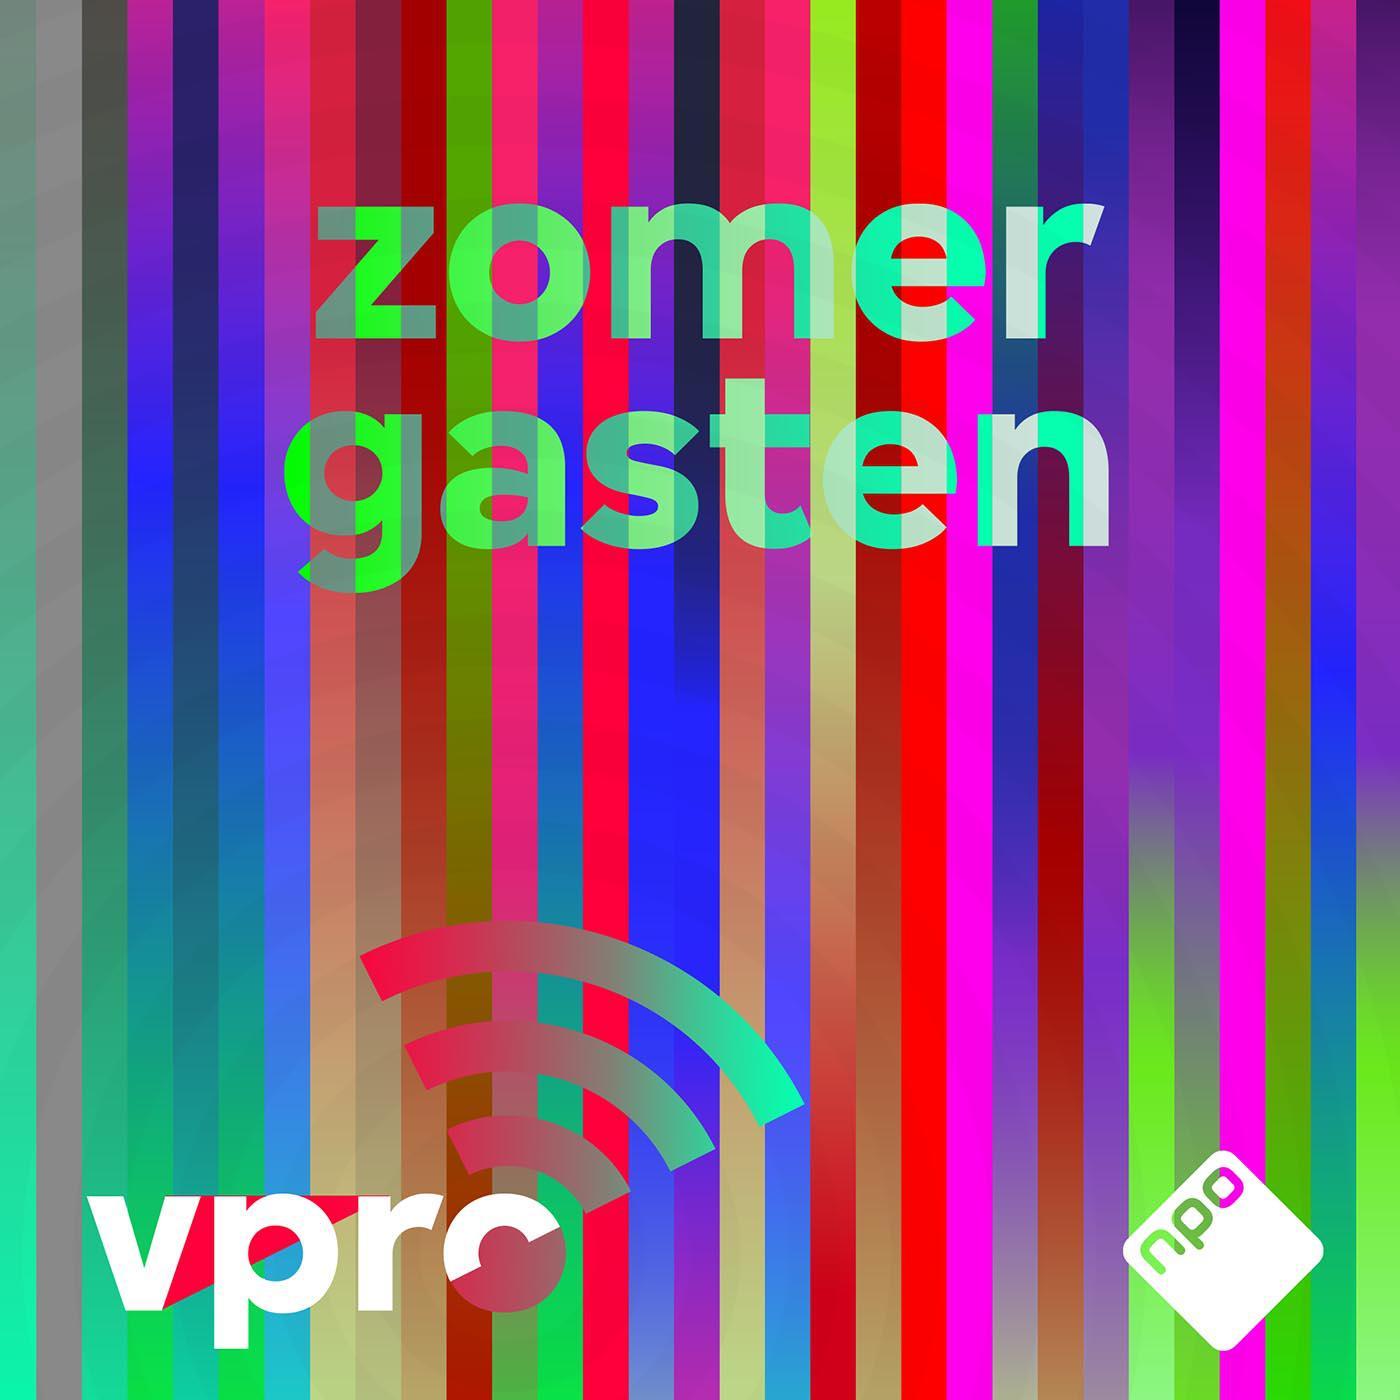 3. VPRO Zomergasten - VPRO